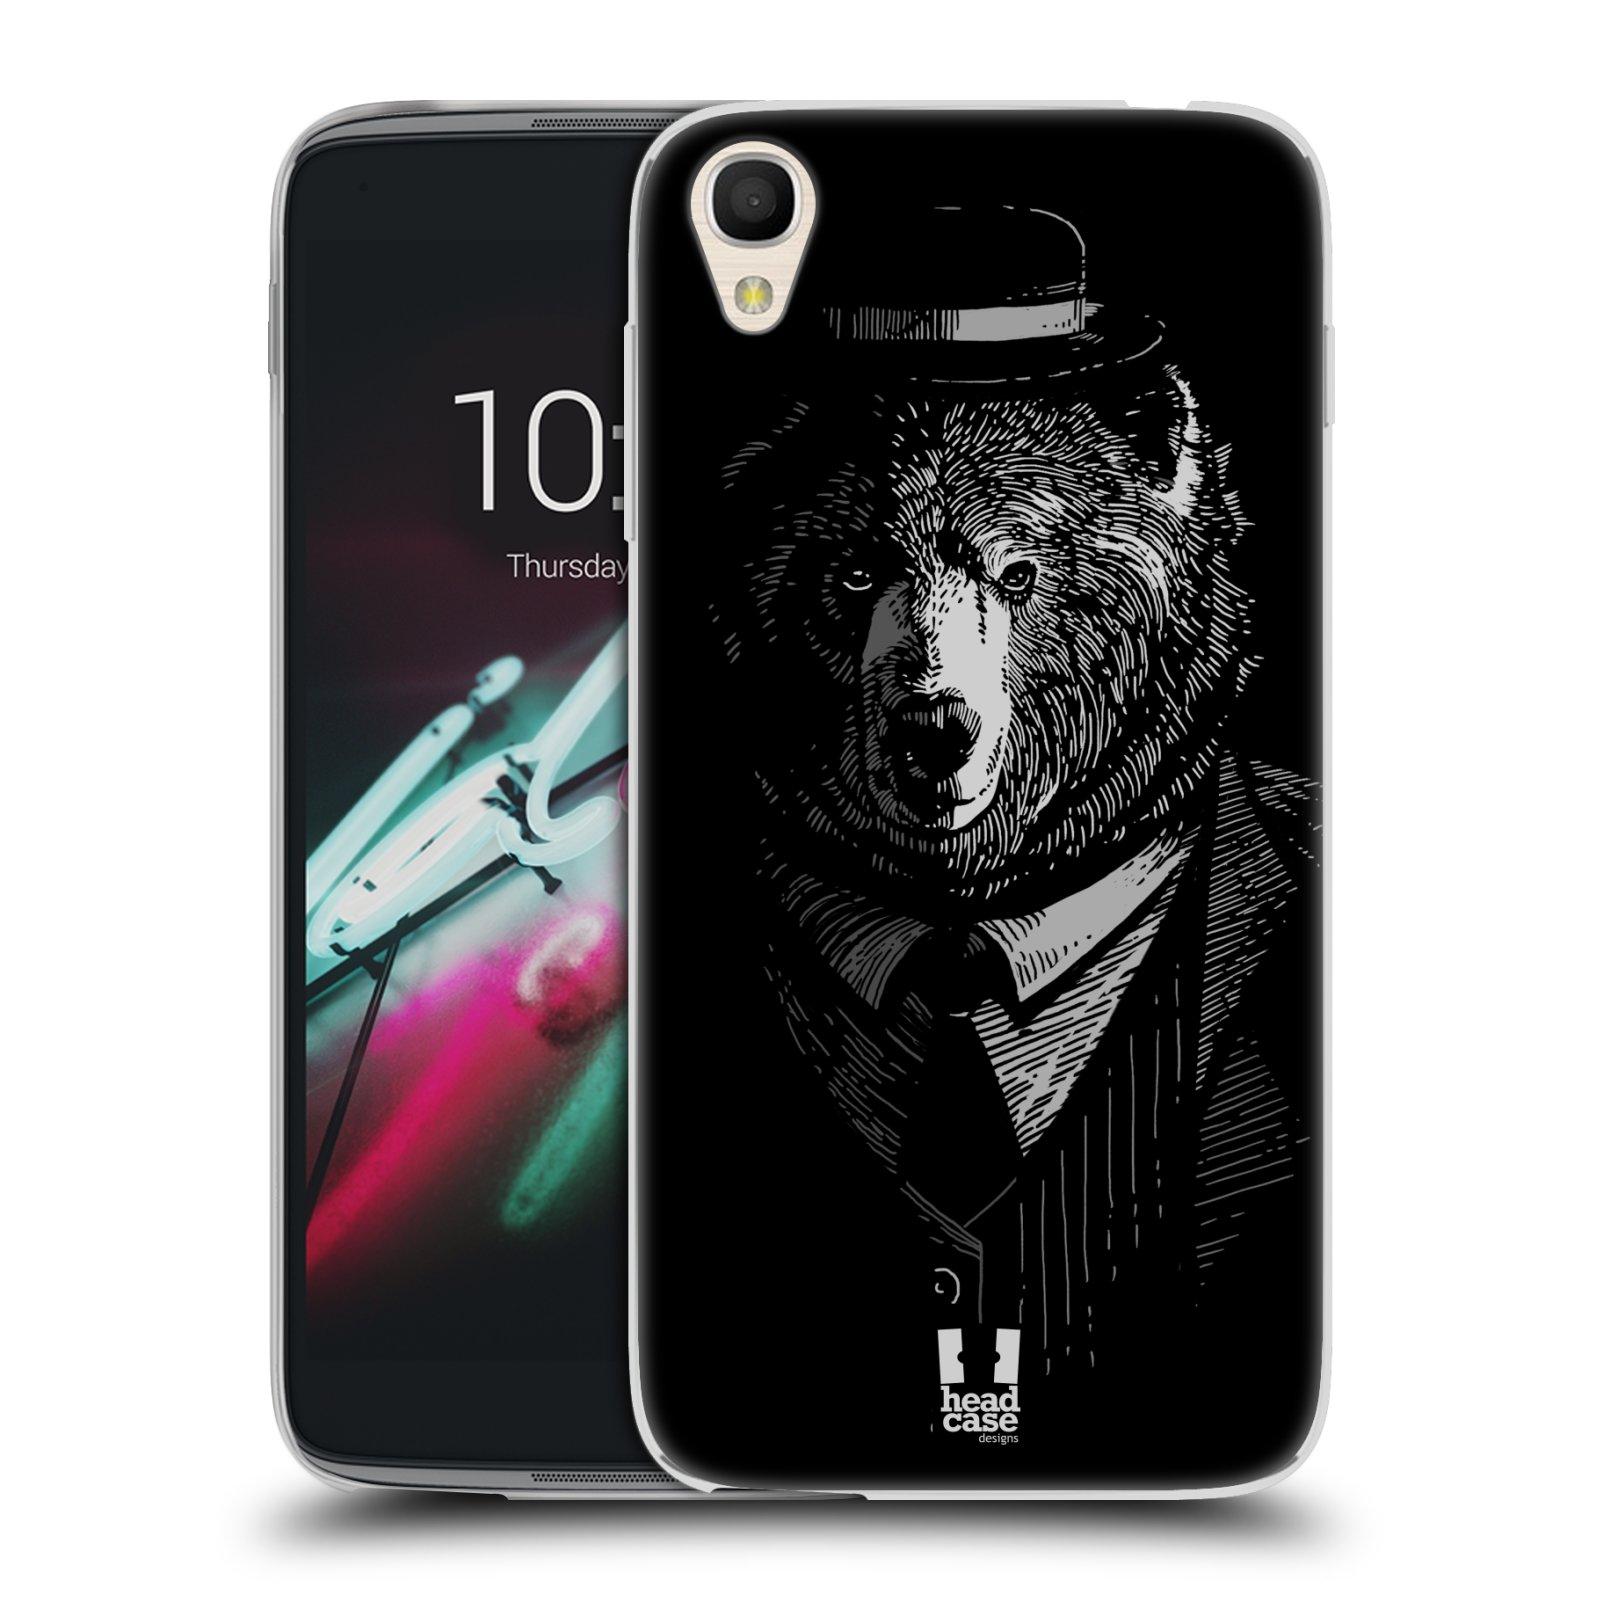 """Silikonové pouzdro na mobil Alcatel One Touch 6039Y Idol 3 HEAD CASE MEDVĚD V KVÁDRU (Silikonový kryt či obal na mobilní telefon Alcatel One Touch Idol 3 OT-6039Y s 4,7"""" displejem)"""